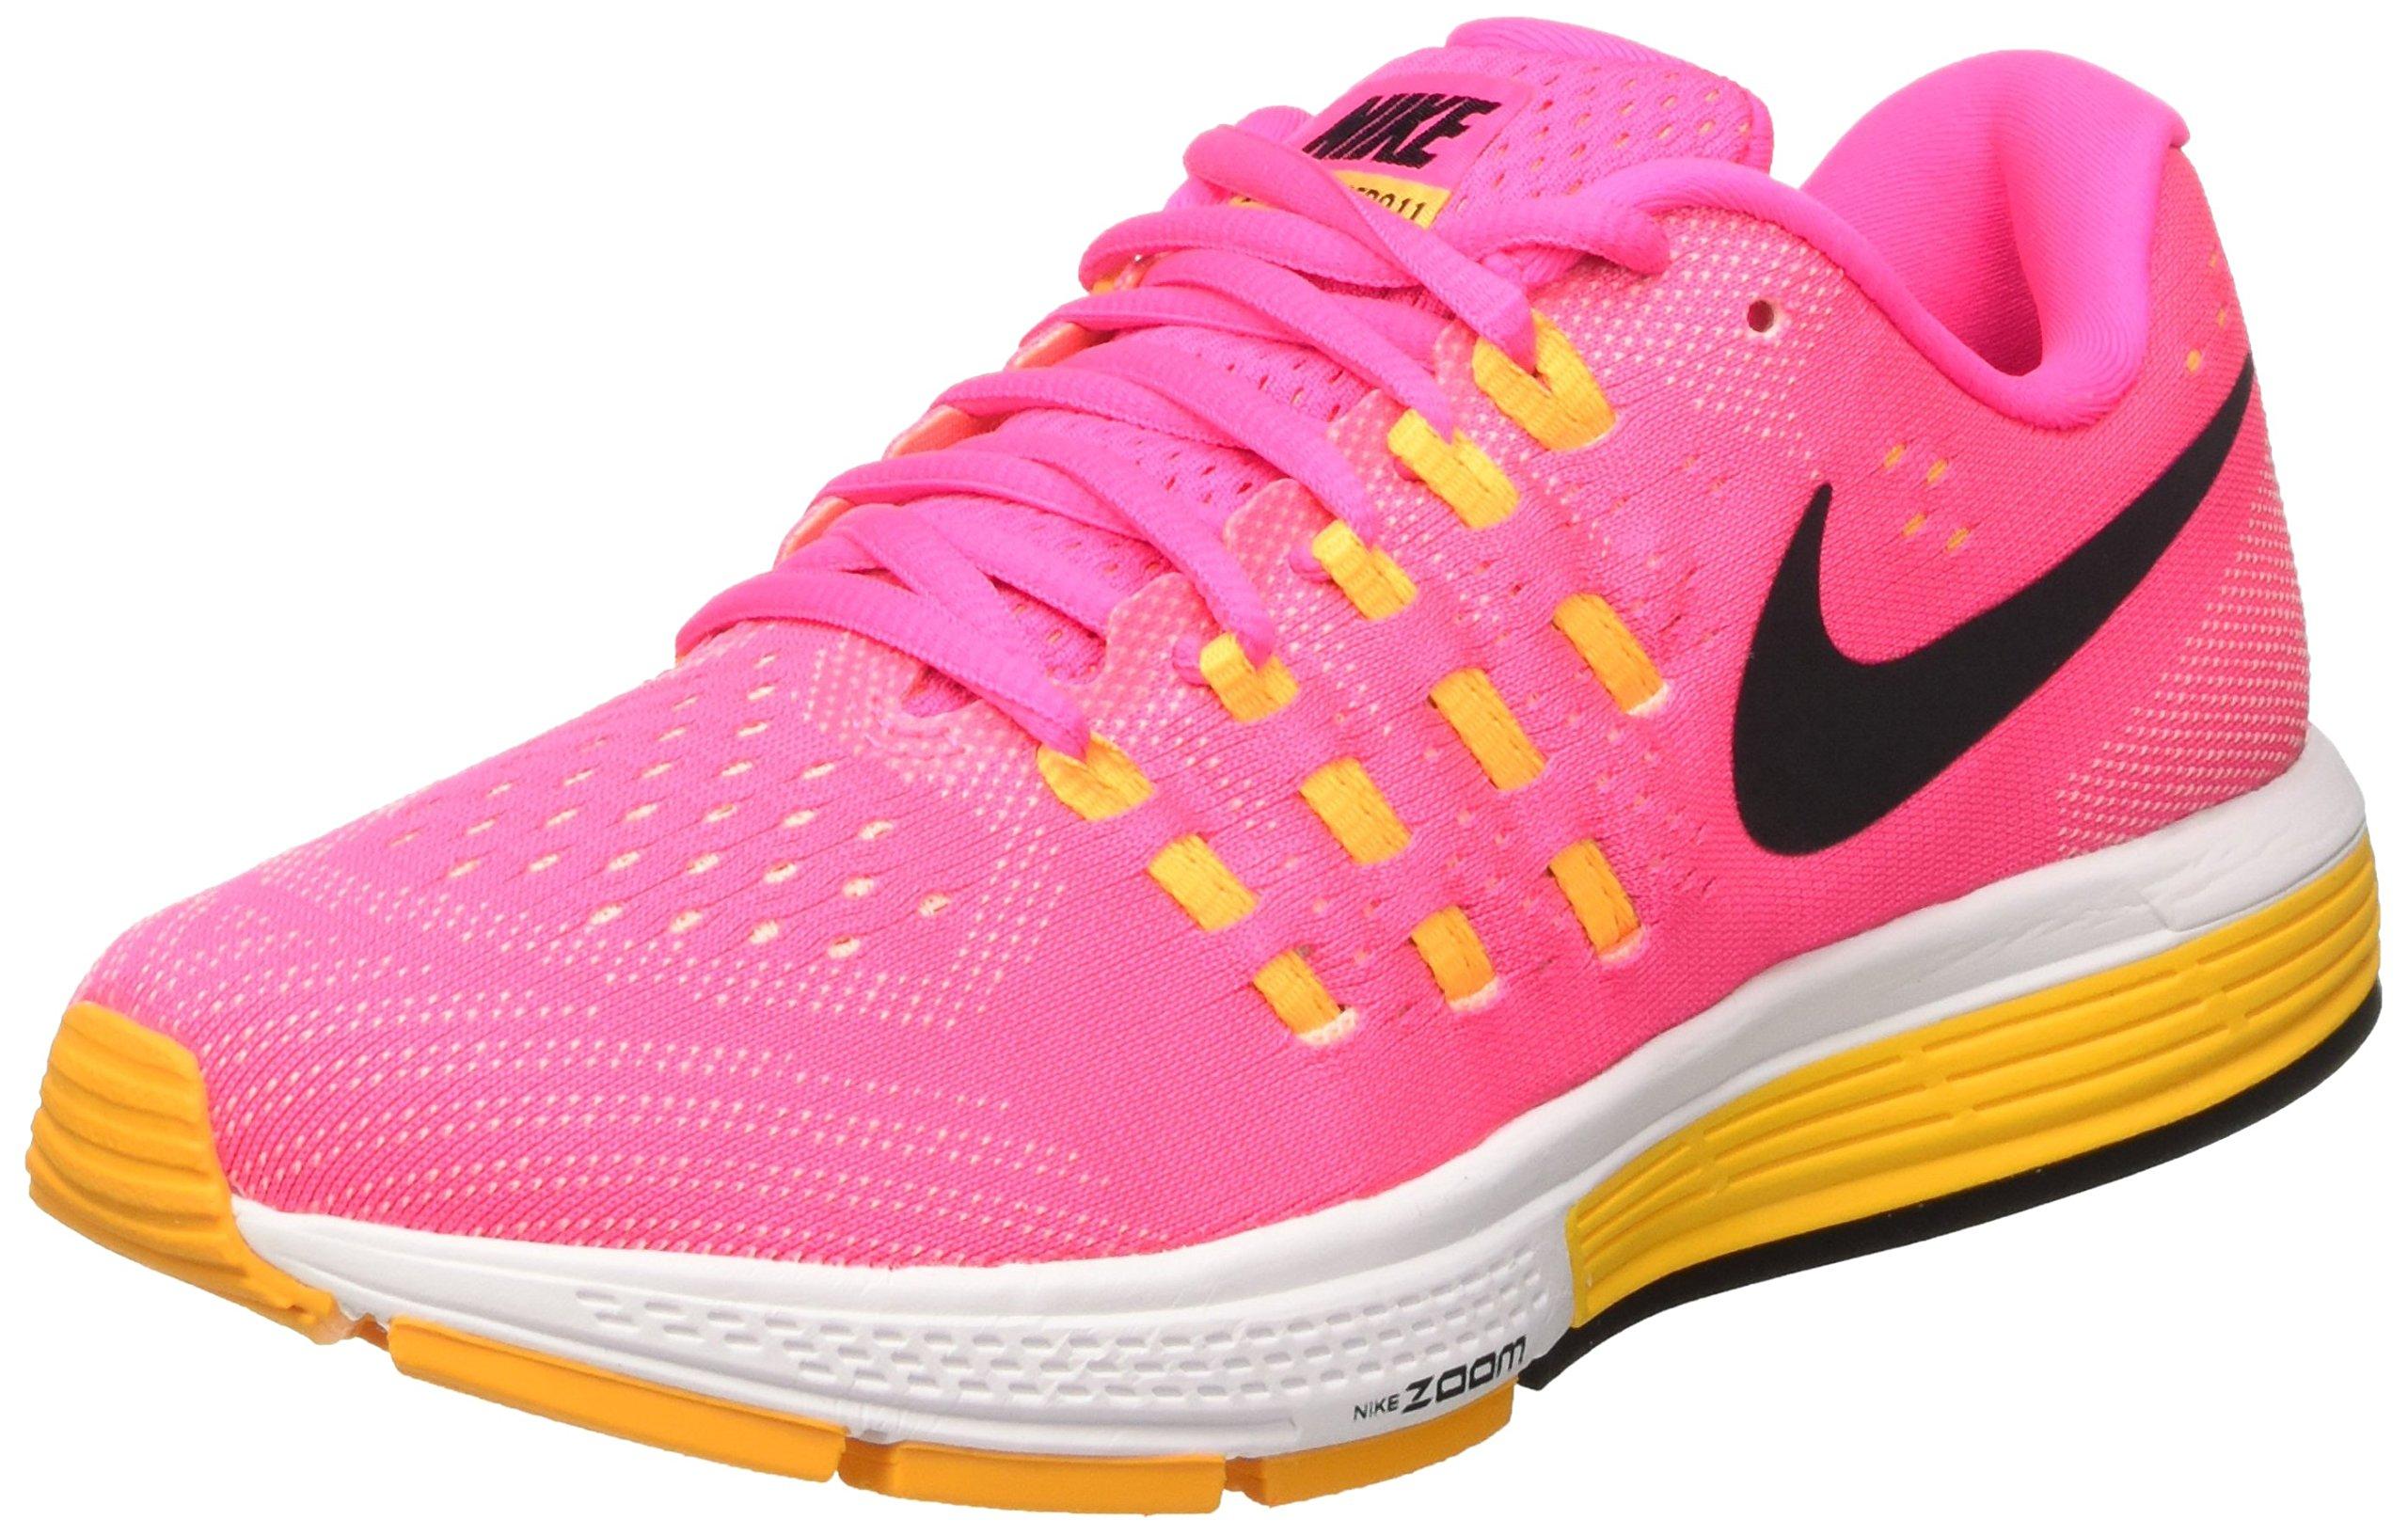 Nike Air Zoom Vomero 11 Women's Running